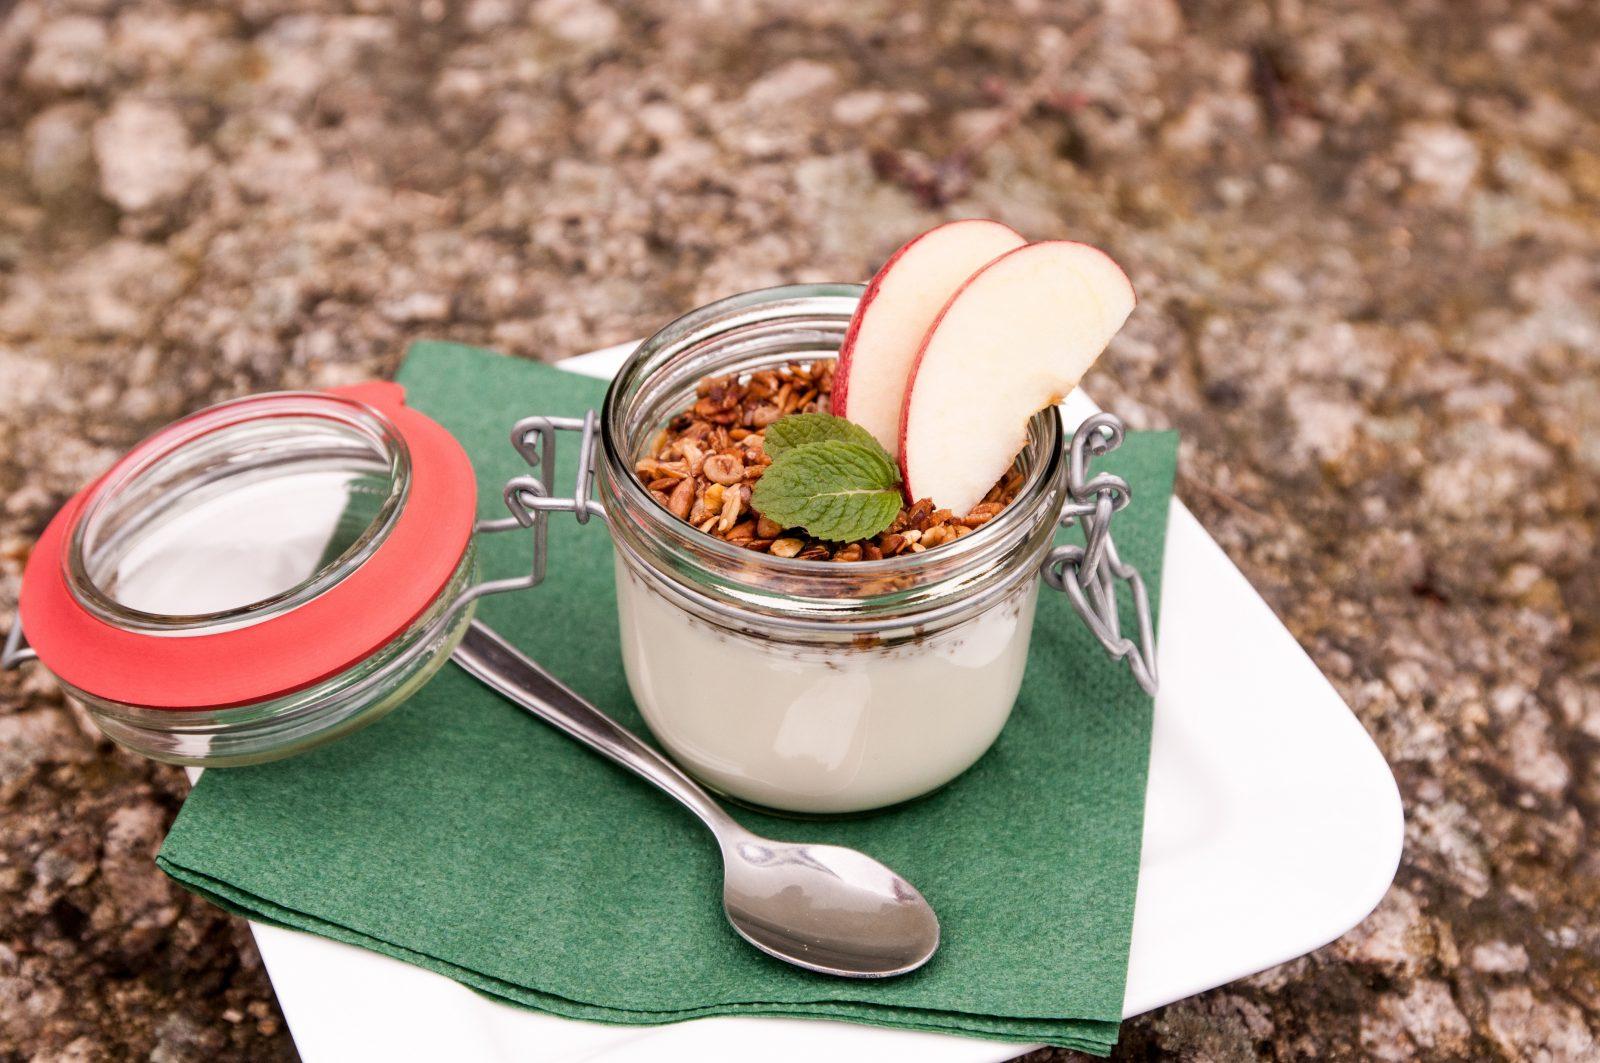 Gesundes Business-Food mit wenig Aufwand